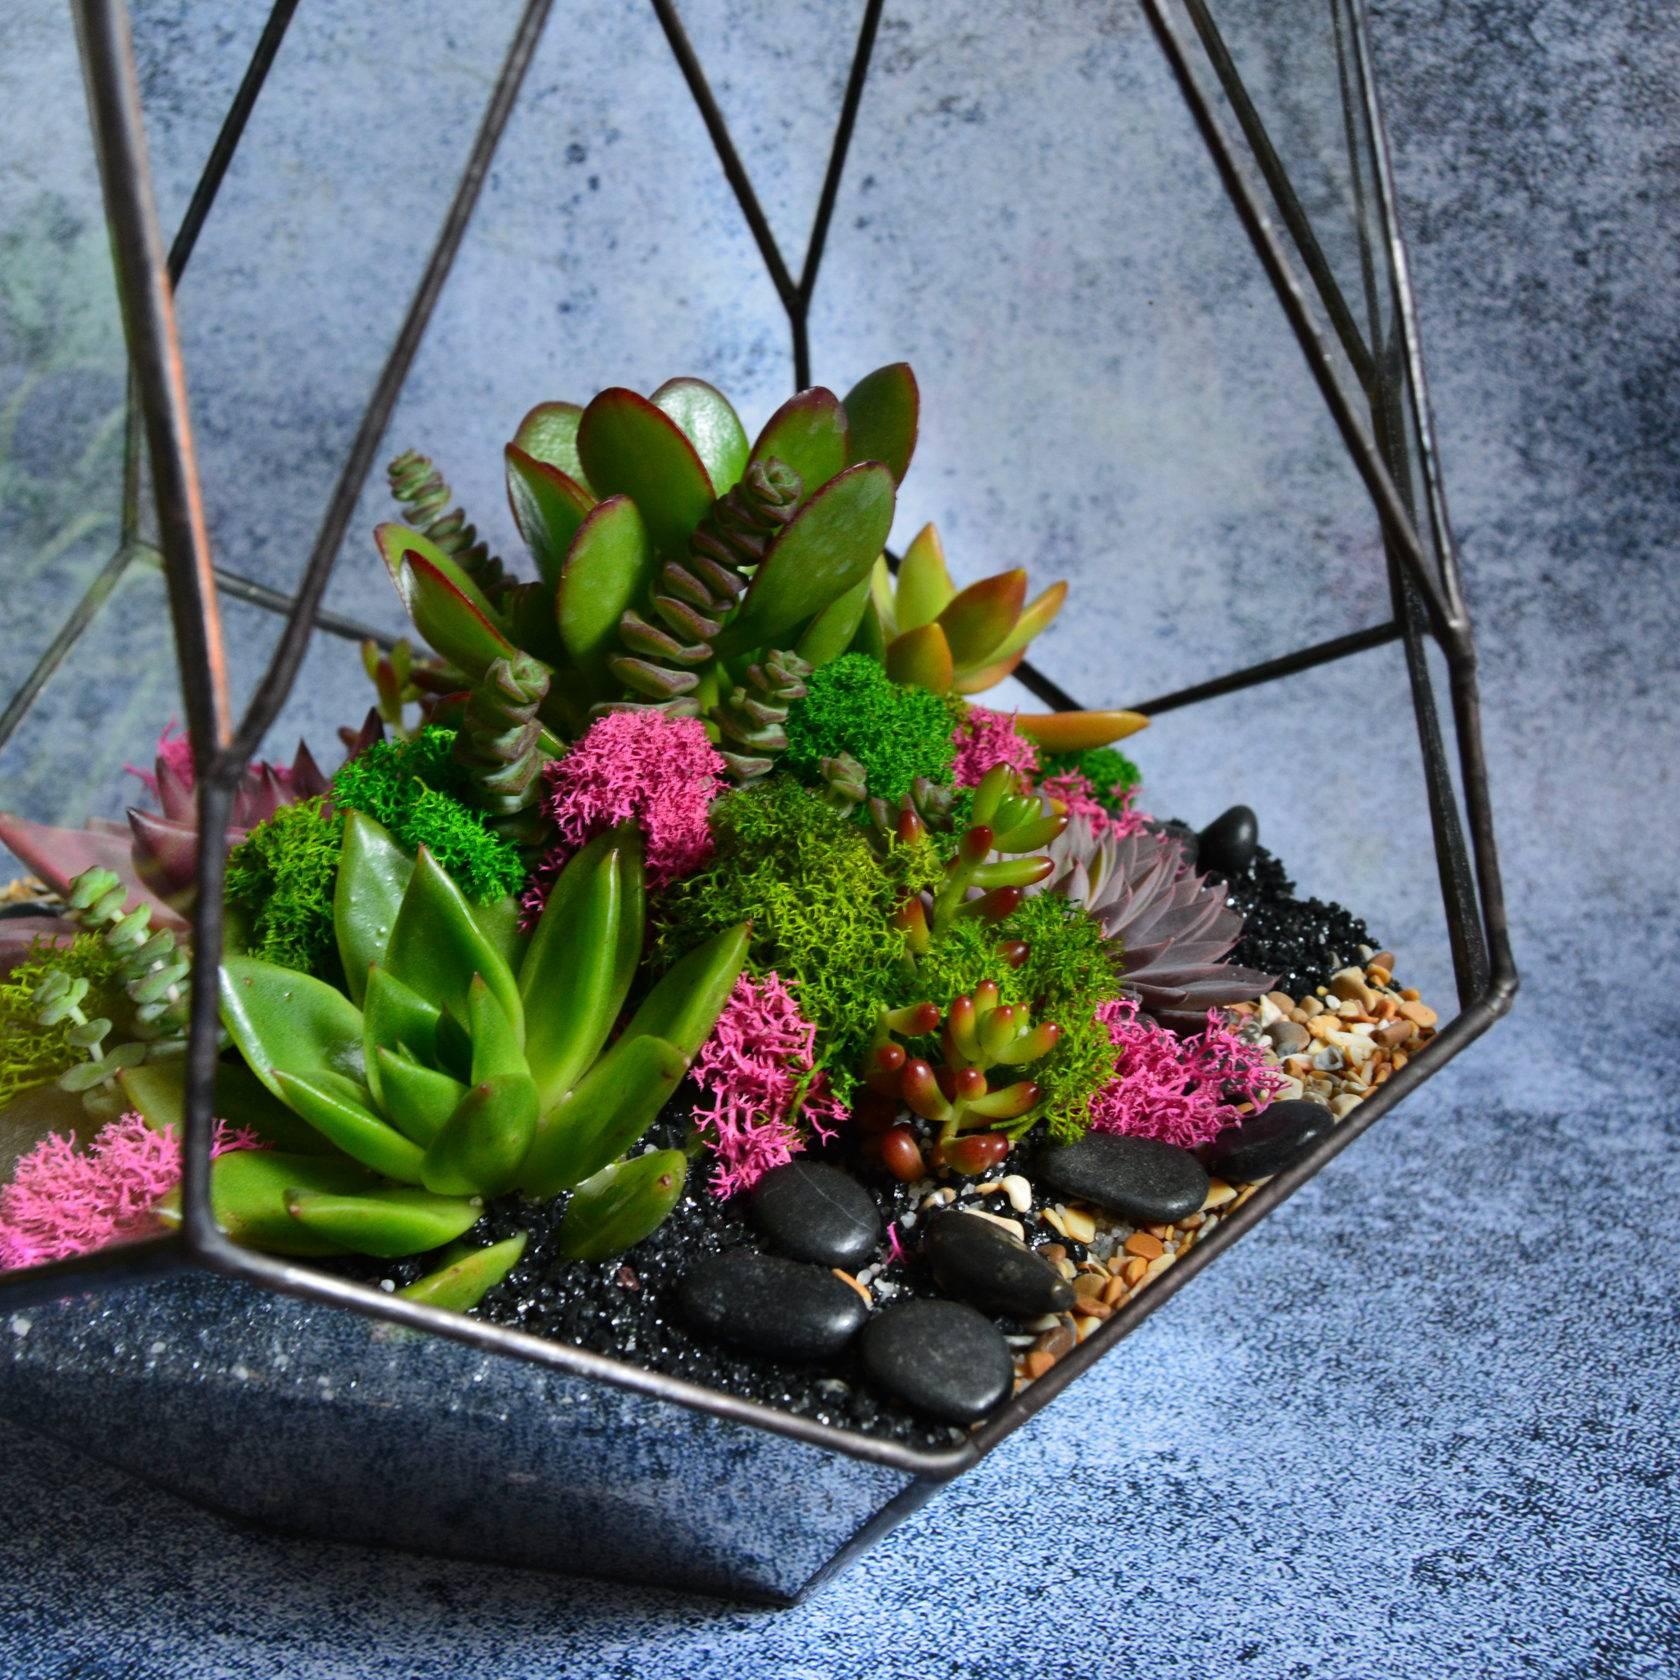 Флорариум для кактусов и суккулентов как хобби и увлечение